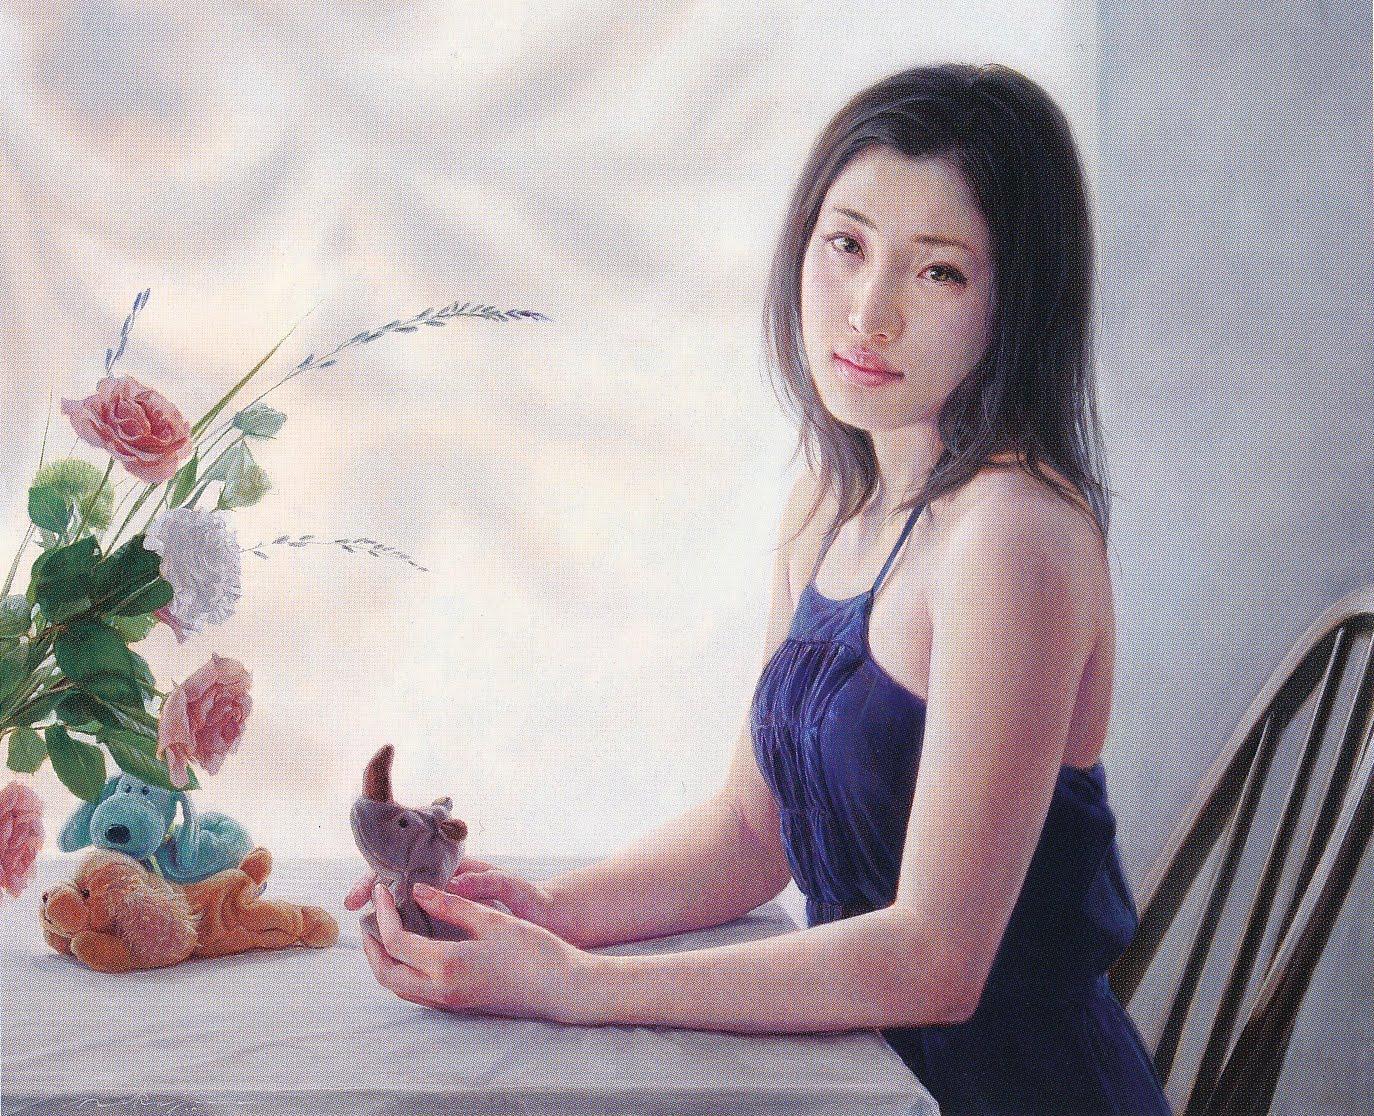 中島健太 (画家)の画像 p1_15